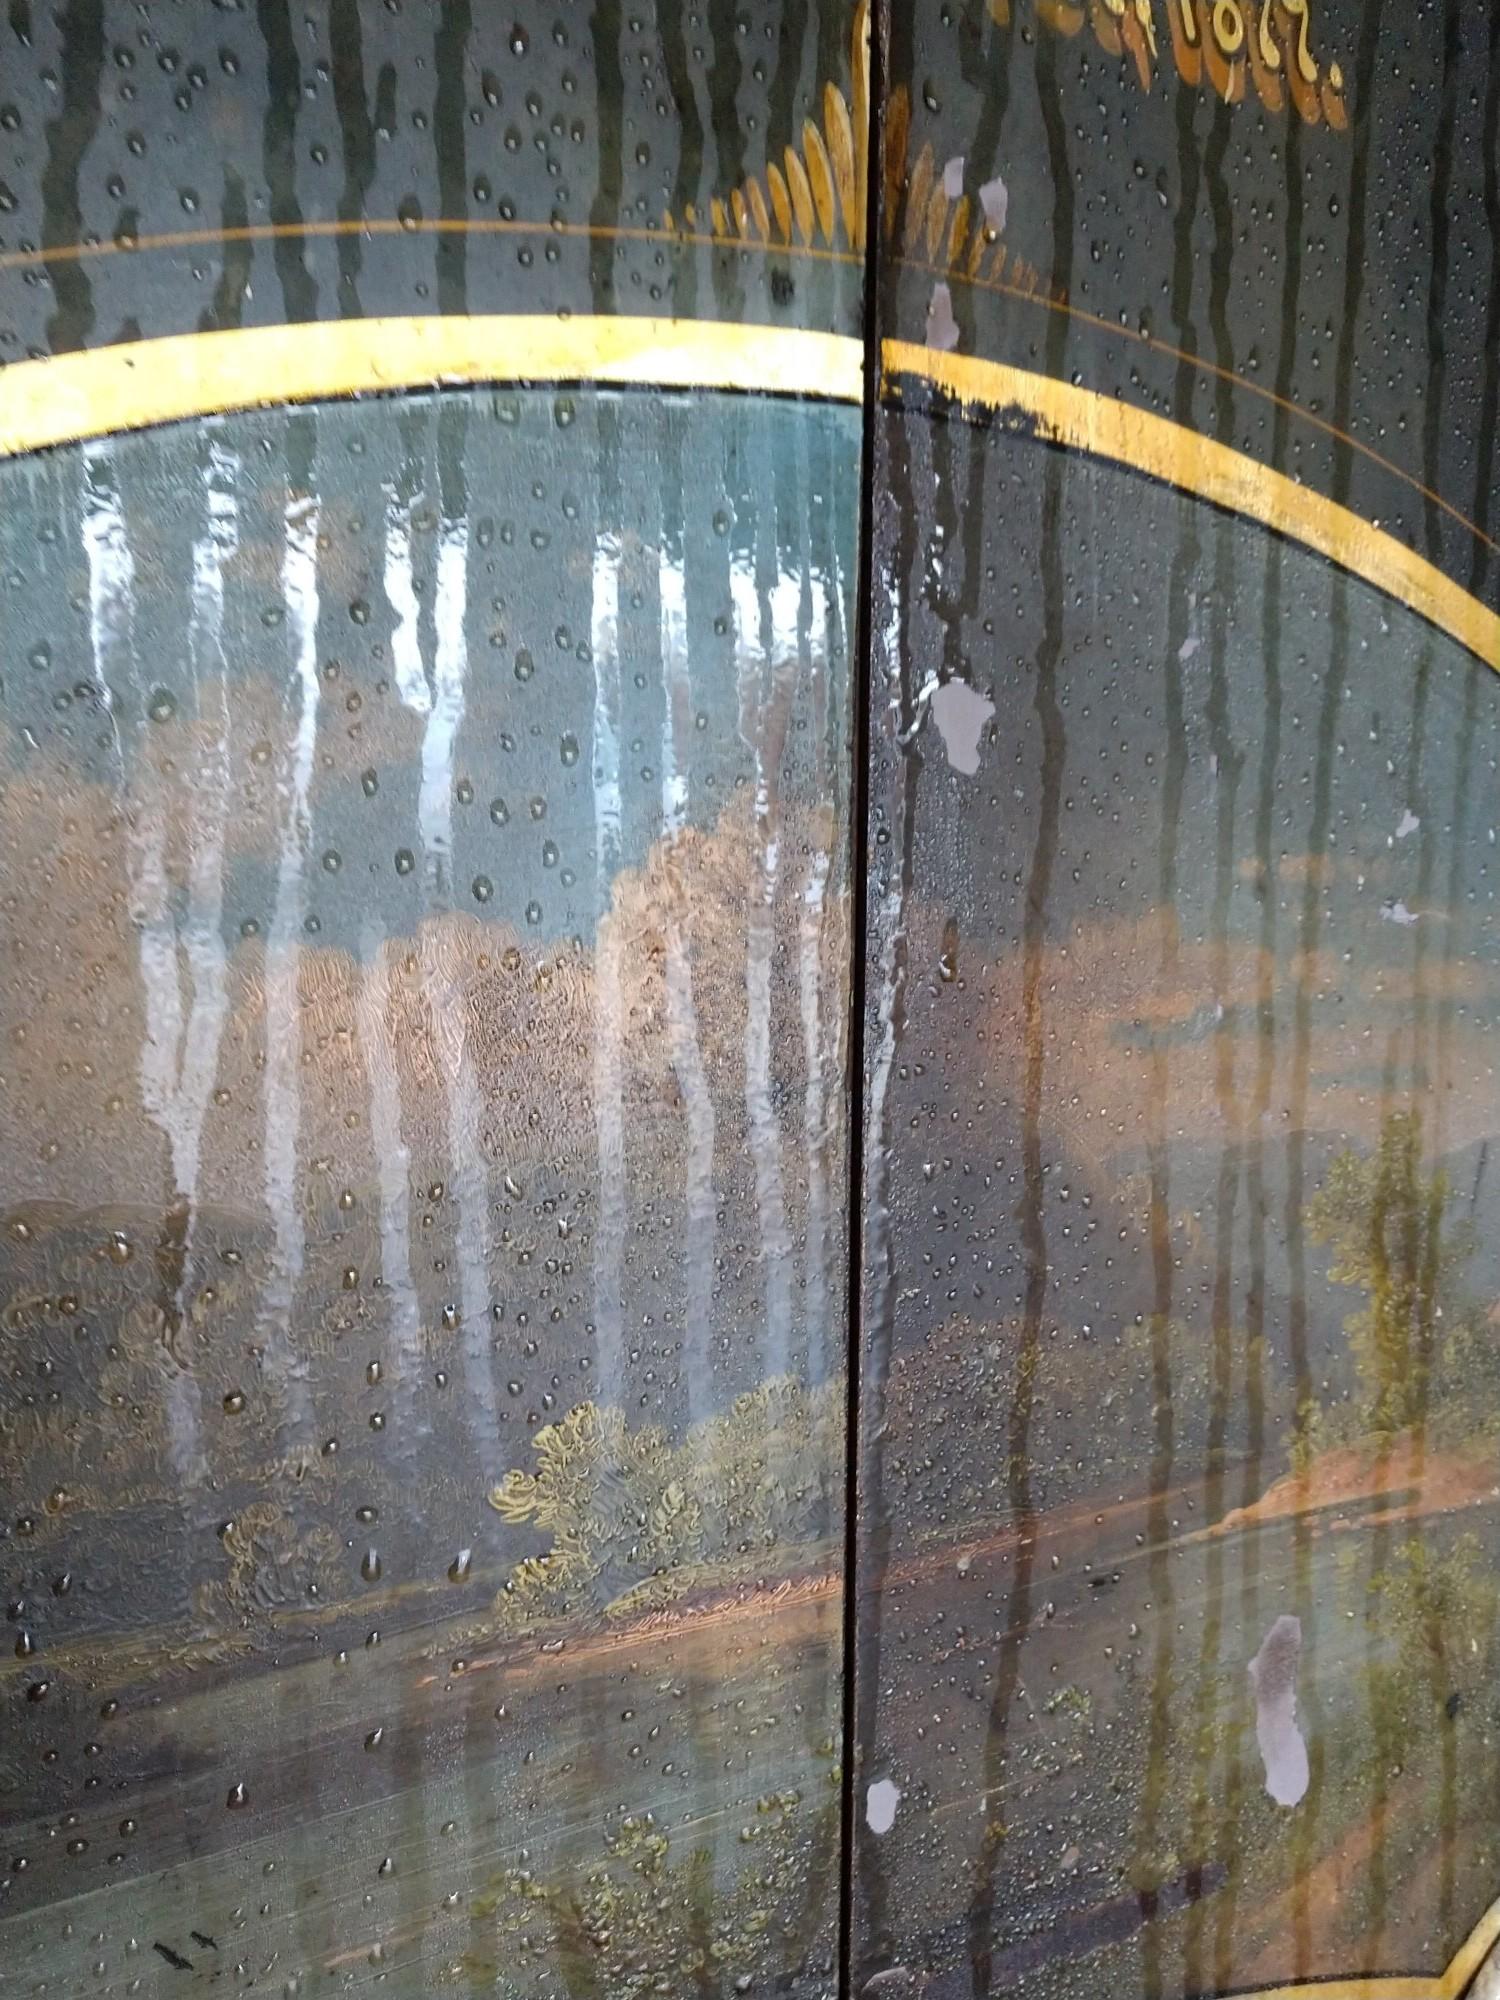 Putting Safes Or Gun Safes In A Garage Hoogerhyde Safe Lock